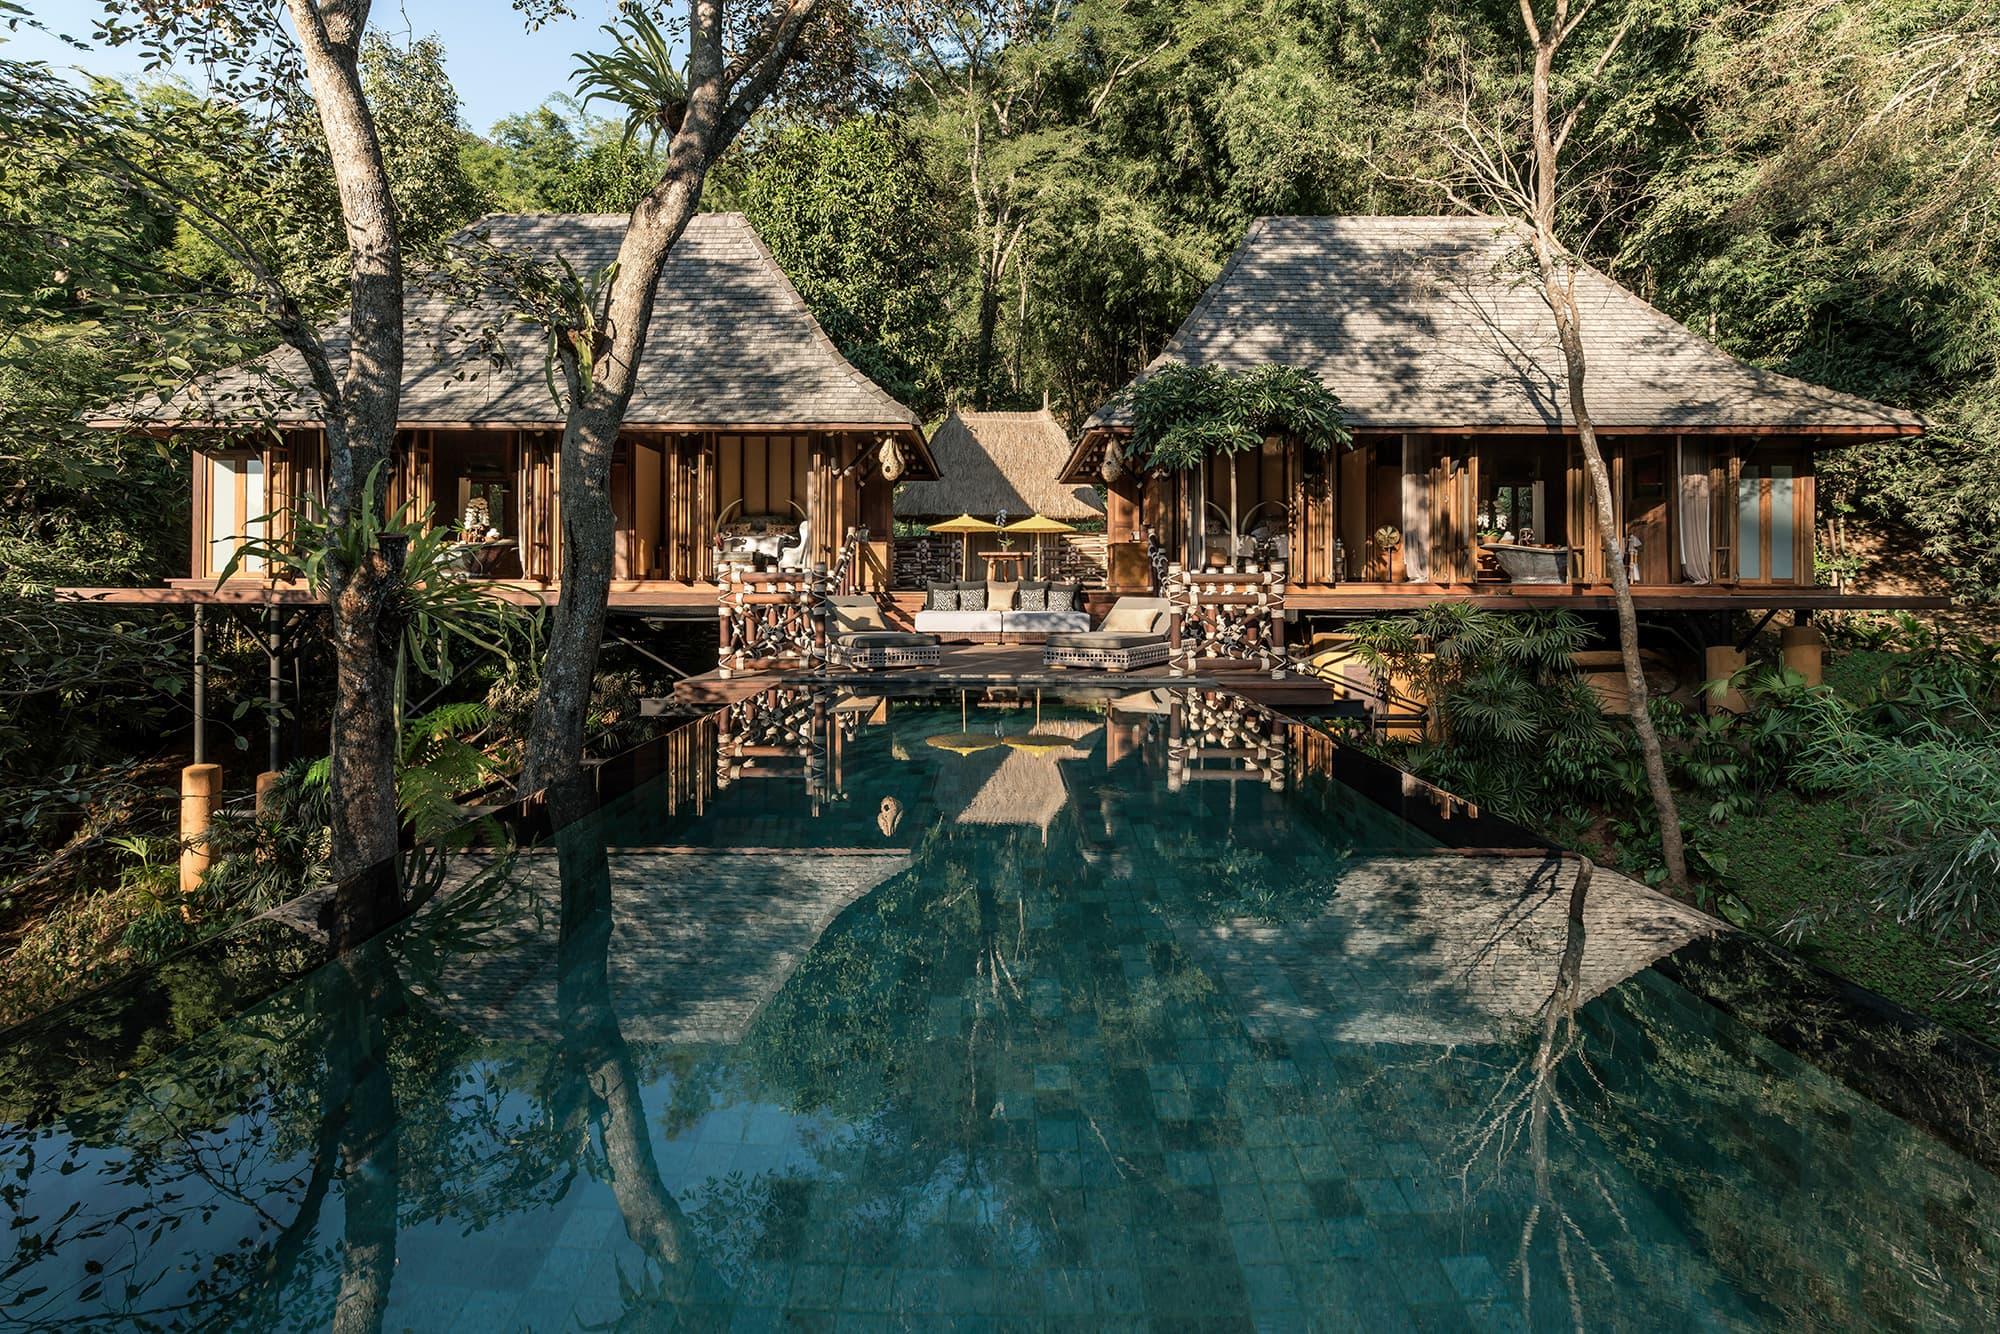 El triángulo de oro en campamento de lujo y Phi Phi Island - Tailandia- imagen #1